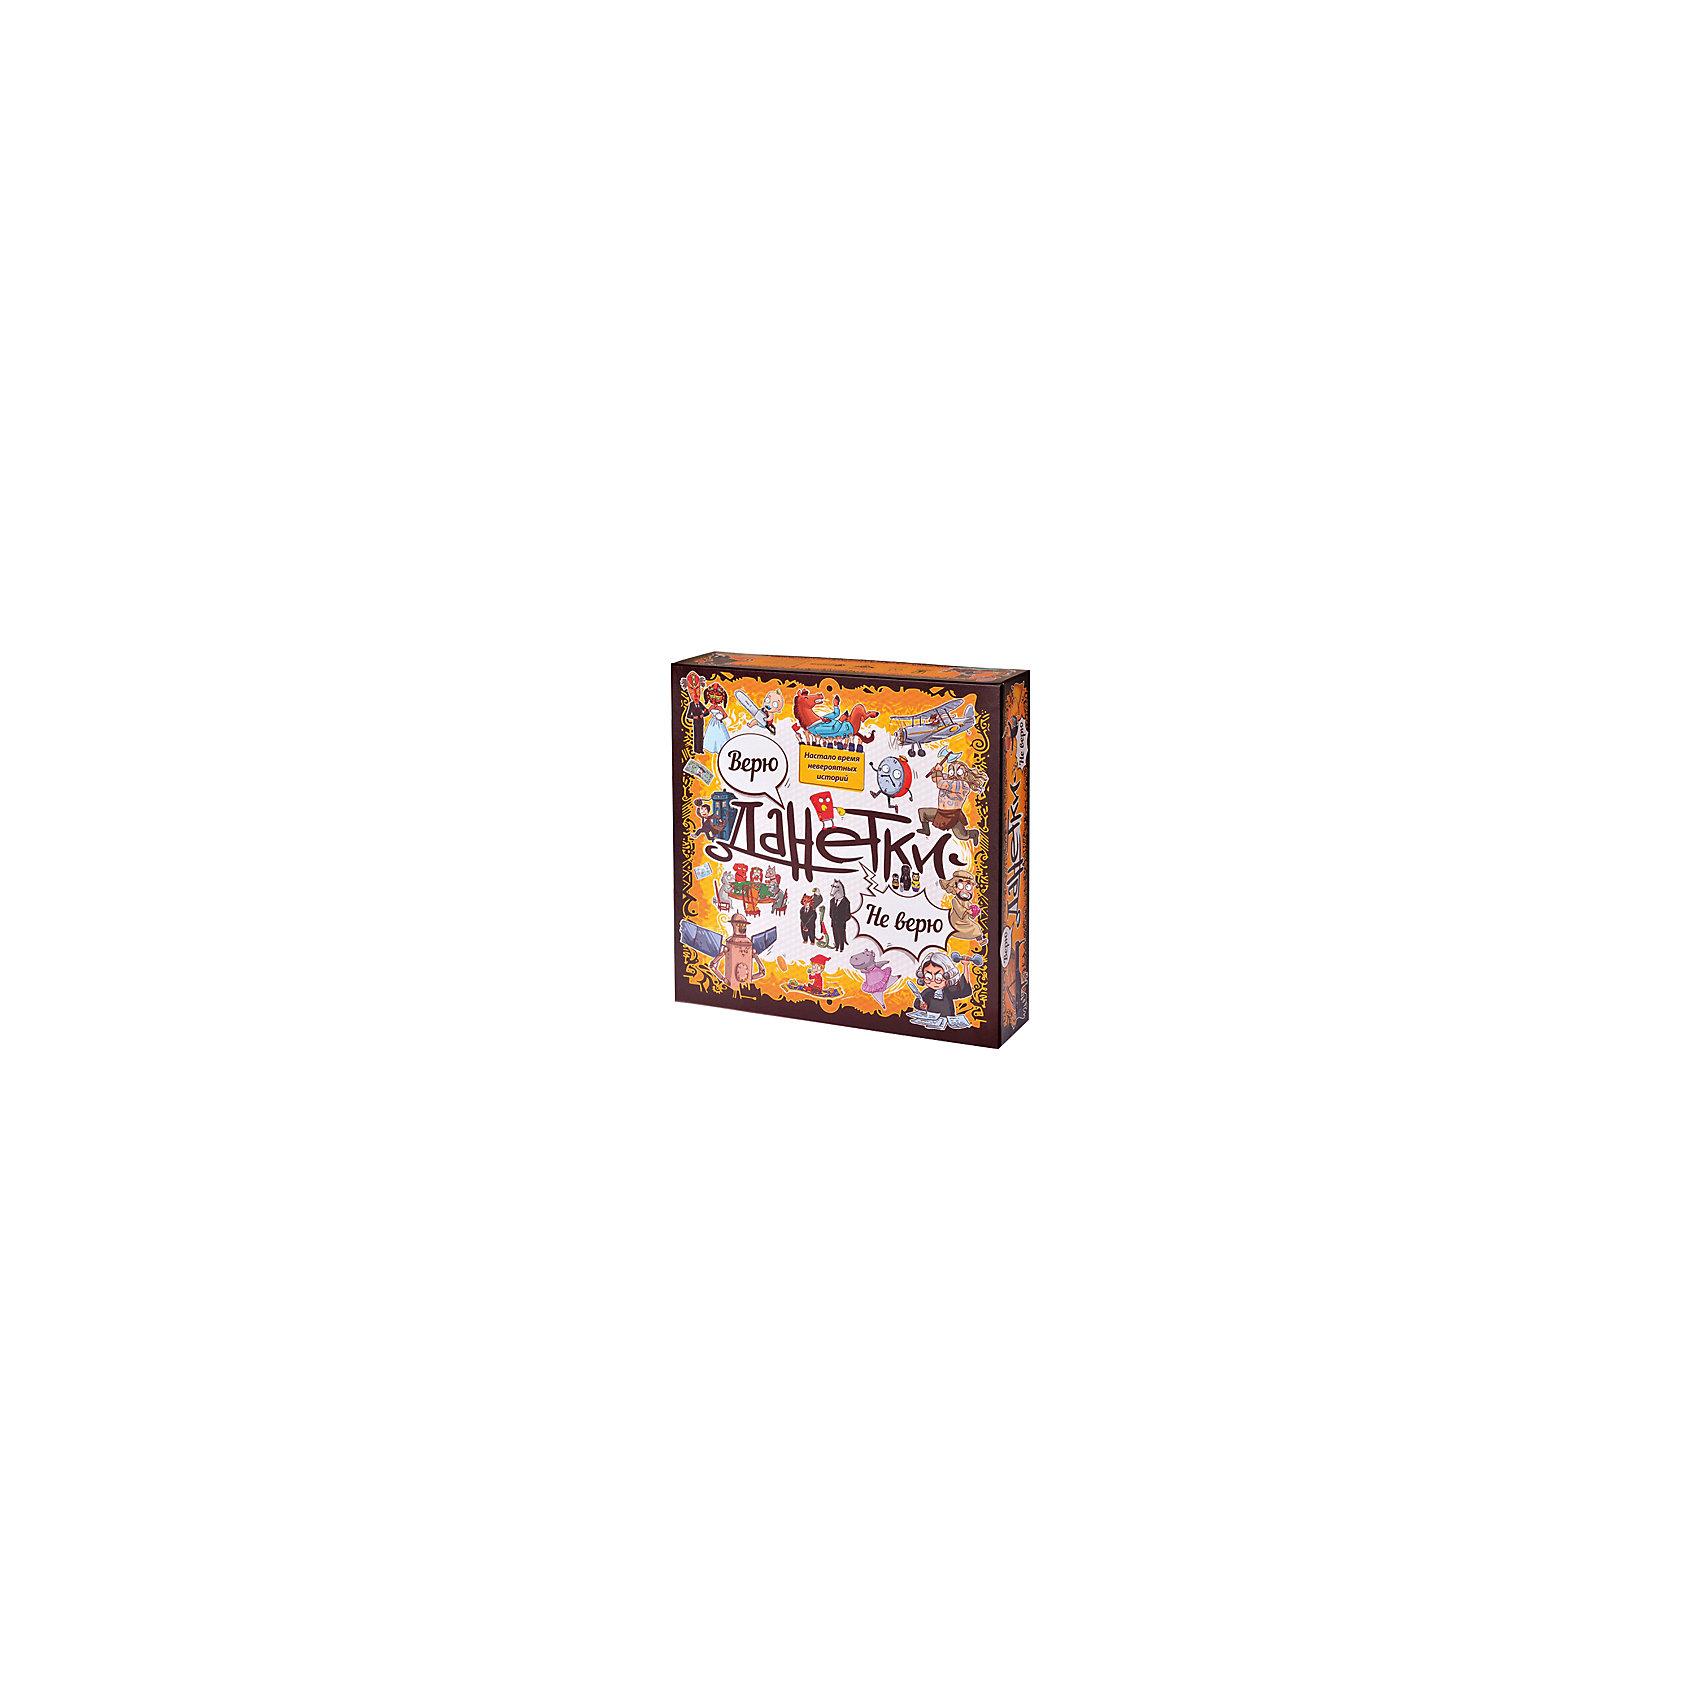 Настольная игра Данетки Верю-Не верю, МагелланНастольные игры для всей семьи<br>Характеристики:<br><br>• возраст: от 16 лет<br>• комплектация: 96 карт с историями; 72 жетона для голосования; 6 карт с описанием жетонов; 6 фишек для подсчёта очков разного цвета; 2 игровых поля; правила.<br>• материал: картон, пластик<br>• количество игроков: от 2 до 6 человек<br>• время игры: 20-30 минут<br>• упаковка: картонная коробка<br>• размер упаковки: 25х25х6 см.<br>• вес: 870 гр.<br><br>Порой реальность бывает так невероятна, а вымысел?—?настолько правдоподобен, что отличить их почти невозможно. Но в этой игре вам всё-таки придётся это сделать. Как и в классических «Данетках», здесь вас ждут невероятные и загадочные истории. Однако теперь вы будете докапываться до истины совсем другим образом?—?но ничуть не менее интересным.<br><br>В настольной игре «Данетки Верю-Не верю» есть игровые поля, набор карточек с интересными историями, набор фишек и жетонов. Ведущий кладёт карту на игровое поле с голосованием, зачитывает историю с карты и три факта под ней, из которых верными могут оказаться все или ни один из них. Участникам предстоит проявить смекалку и прислушаться к своей интуиции, чтобы распознать, где правда, а где ложь. Затем все тайно голосуют своими жетонами. Сначала все выкладывают на нужный пункт игрового поля по одному жетону, потом ещё по одному.<br><br>У каждого игрока есть по 12 жетонов. Если они правильно выложены, за них можно получить очки или воспользоваться их свойствами. Например, жетон «Кыш» позволяет выгнать чужой жетон с одного пункта на другой. Суть в том, что игрок может менять расстановку сил до того, как будут объявлены правильные ответы.<br><br>Игра расширит кругозор, разовьет логическое мышление и интуицию.<br><br>Настольную игру Данетки Верю-Не верю, Магеллан можно купить в нашем интернет-магазине.<br><br>Ширина мм: 250<br>Глубина мм: 250<br>Высота мм: 60<br>Вес г: 870<br>Возраст от месяцев: 192<br>Возраст до месяцев: 2147483647<br>Пол: Унисекс<br>Возр